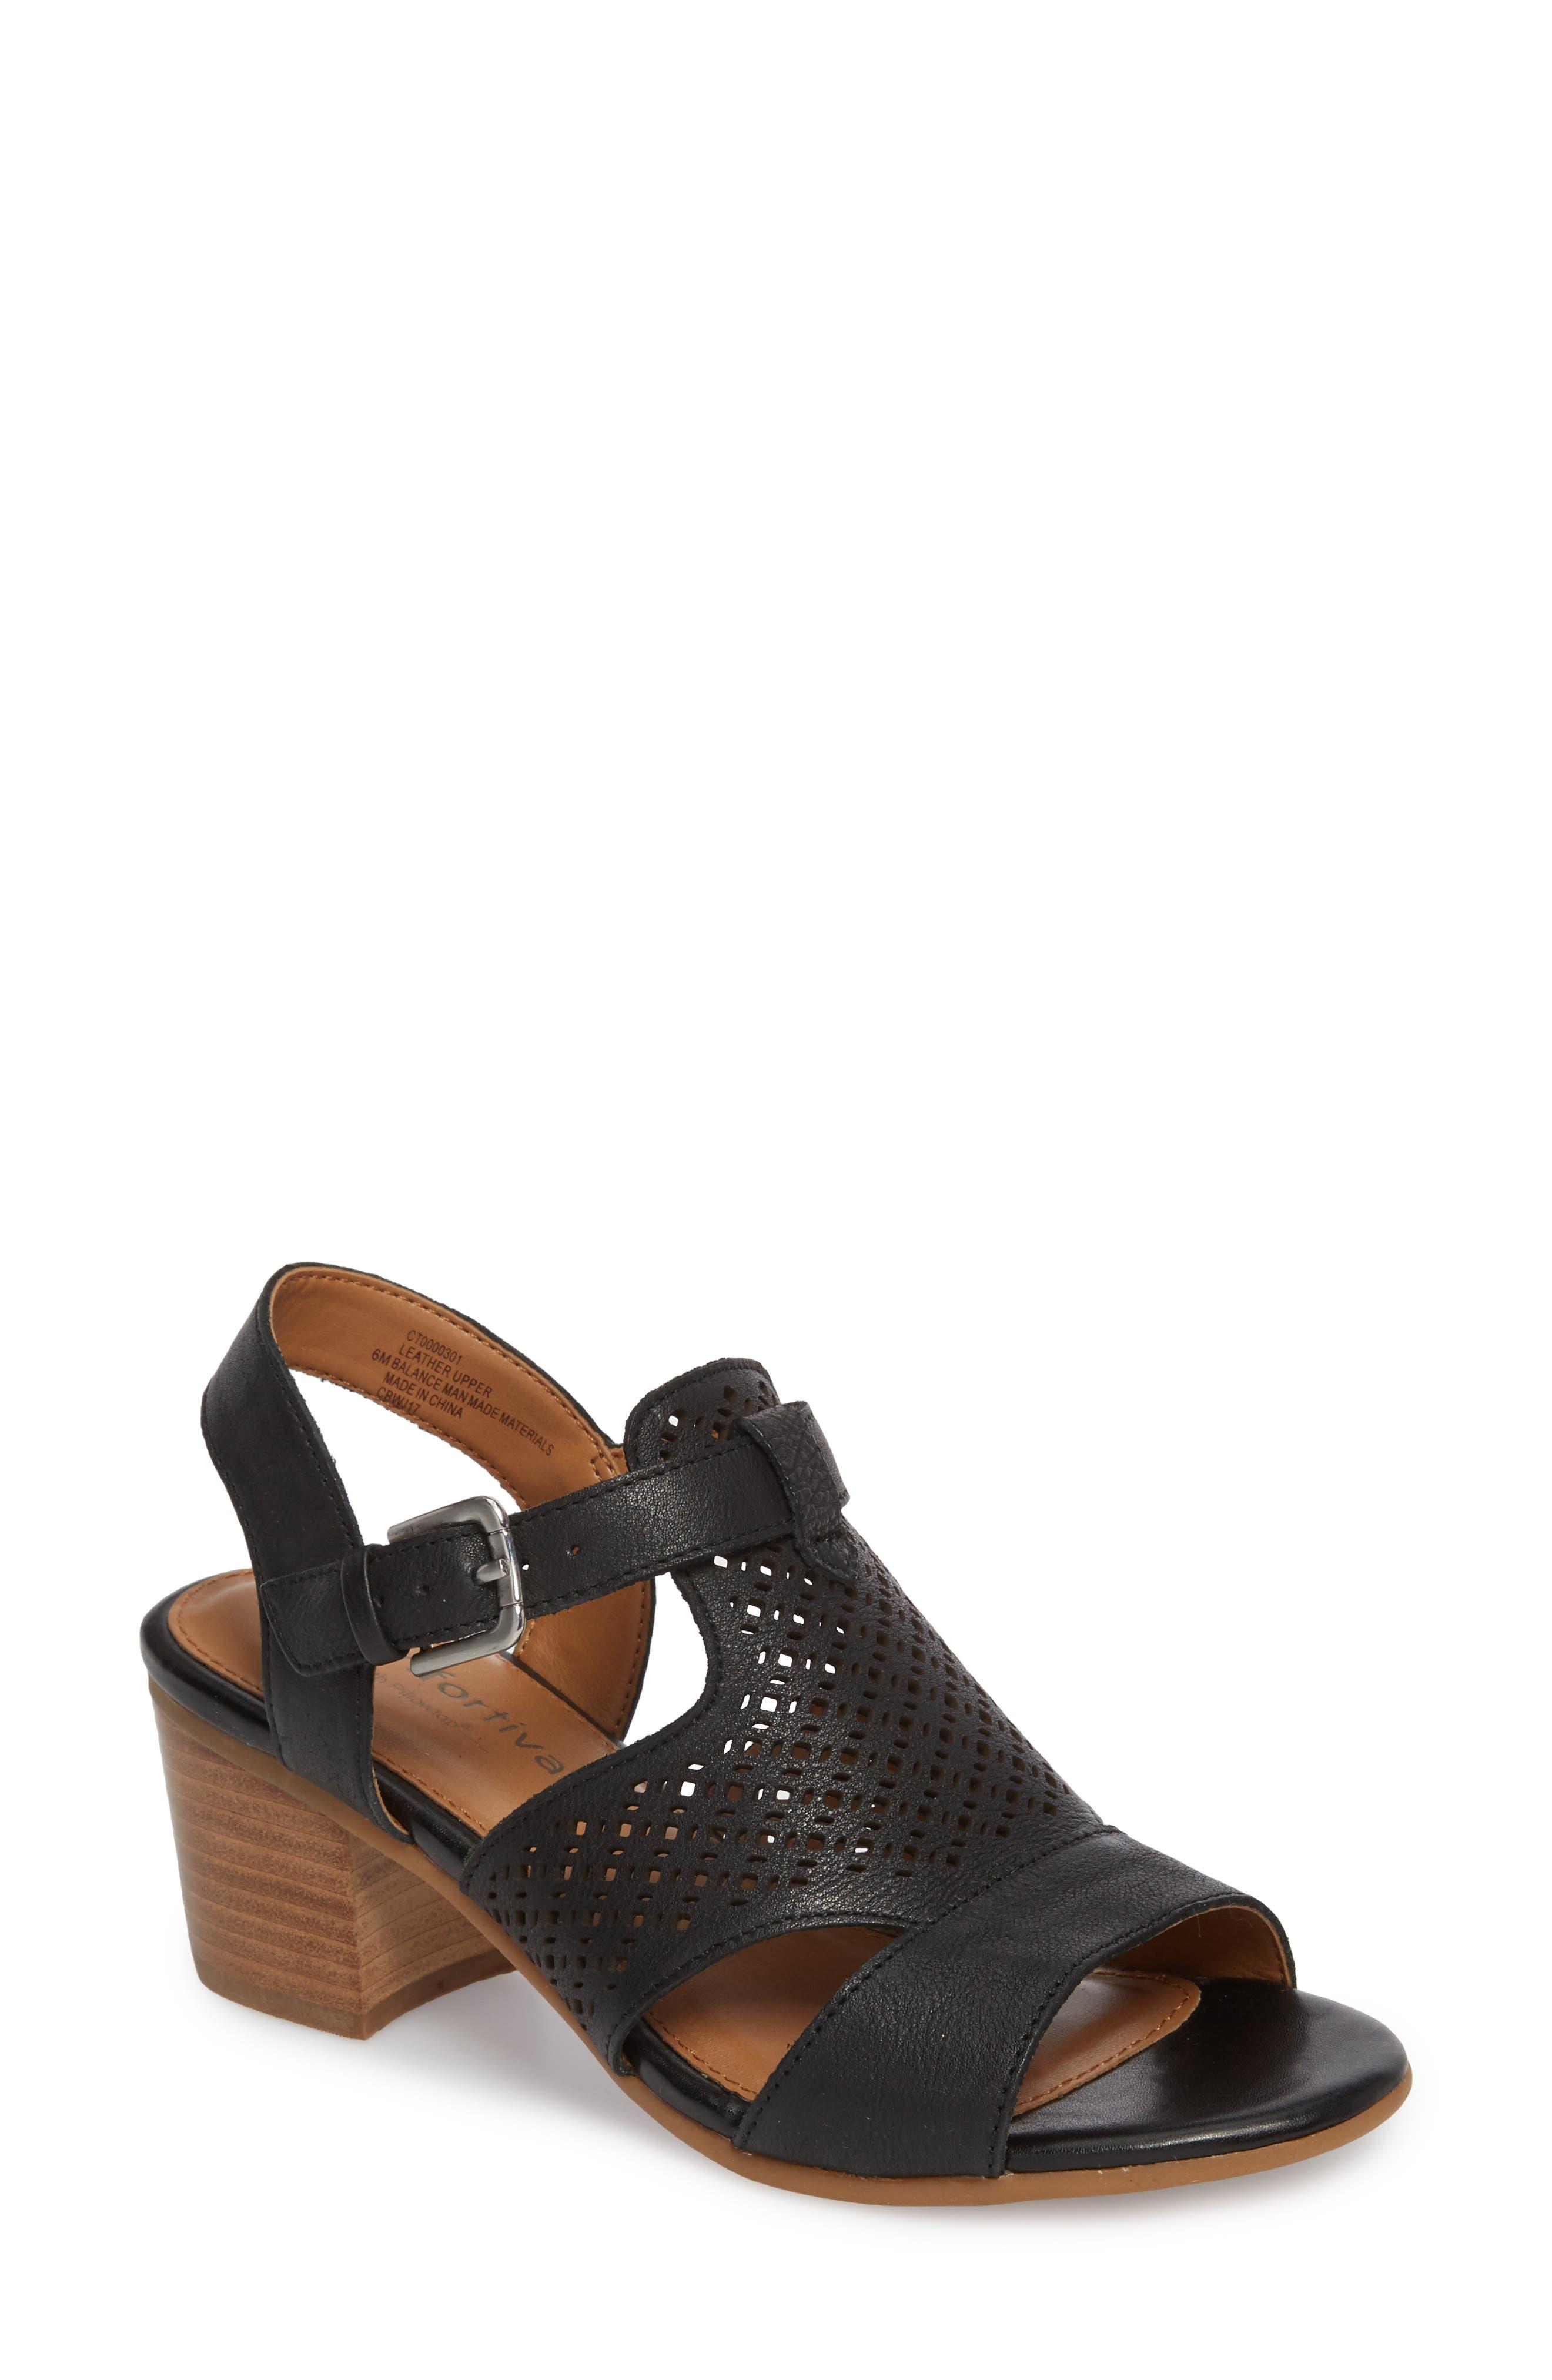 Main Image - Comfortiva Amber Perforated Block Heel Sandal (Women)